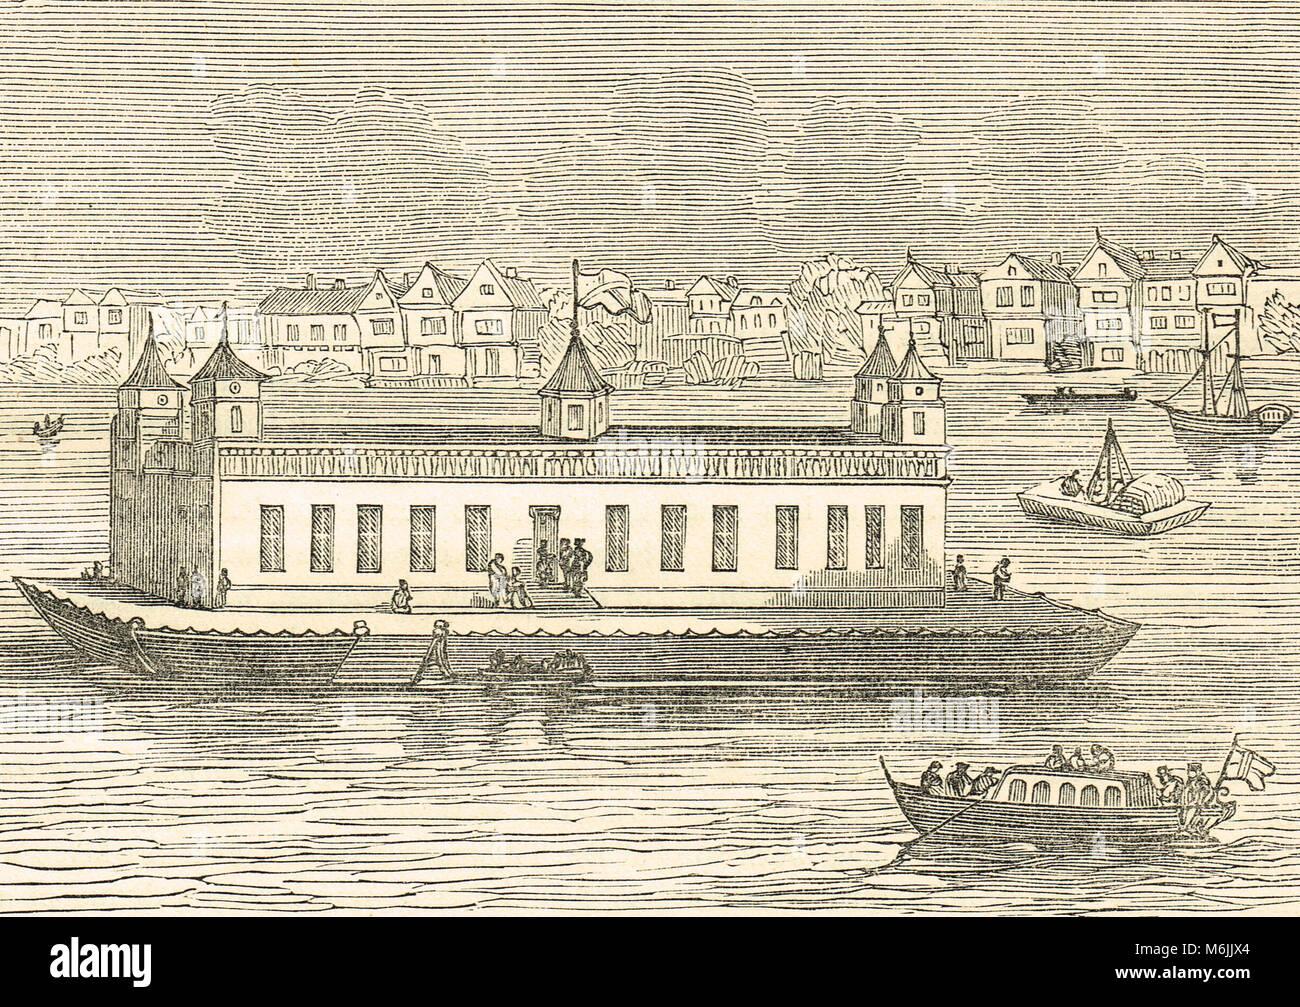 La folie, sur la Tamise, le 17e siècle, maison flottante de divertissement, sous le règne de Charles II Photo Stock